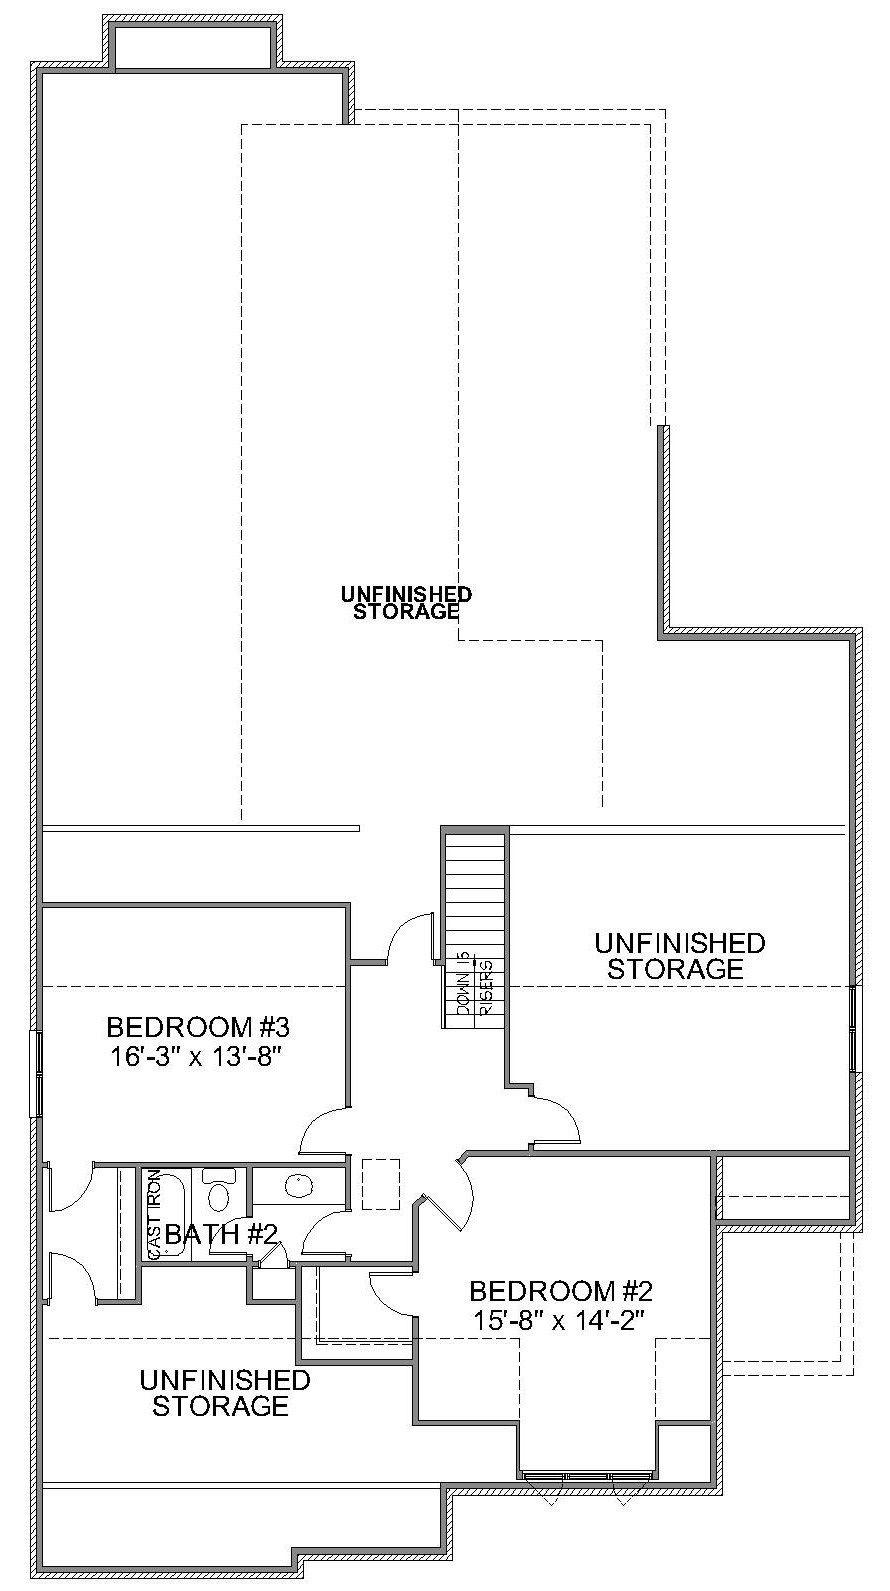 Kl 23 Second Floor Plan